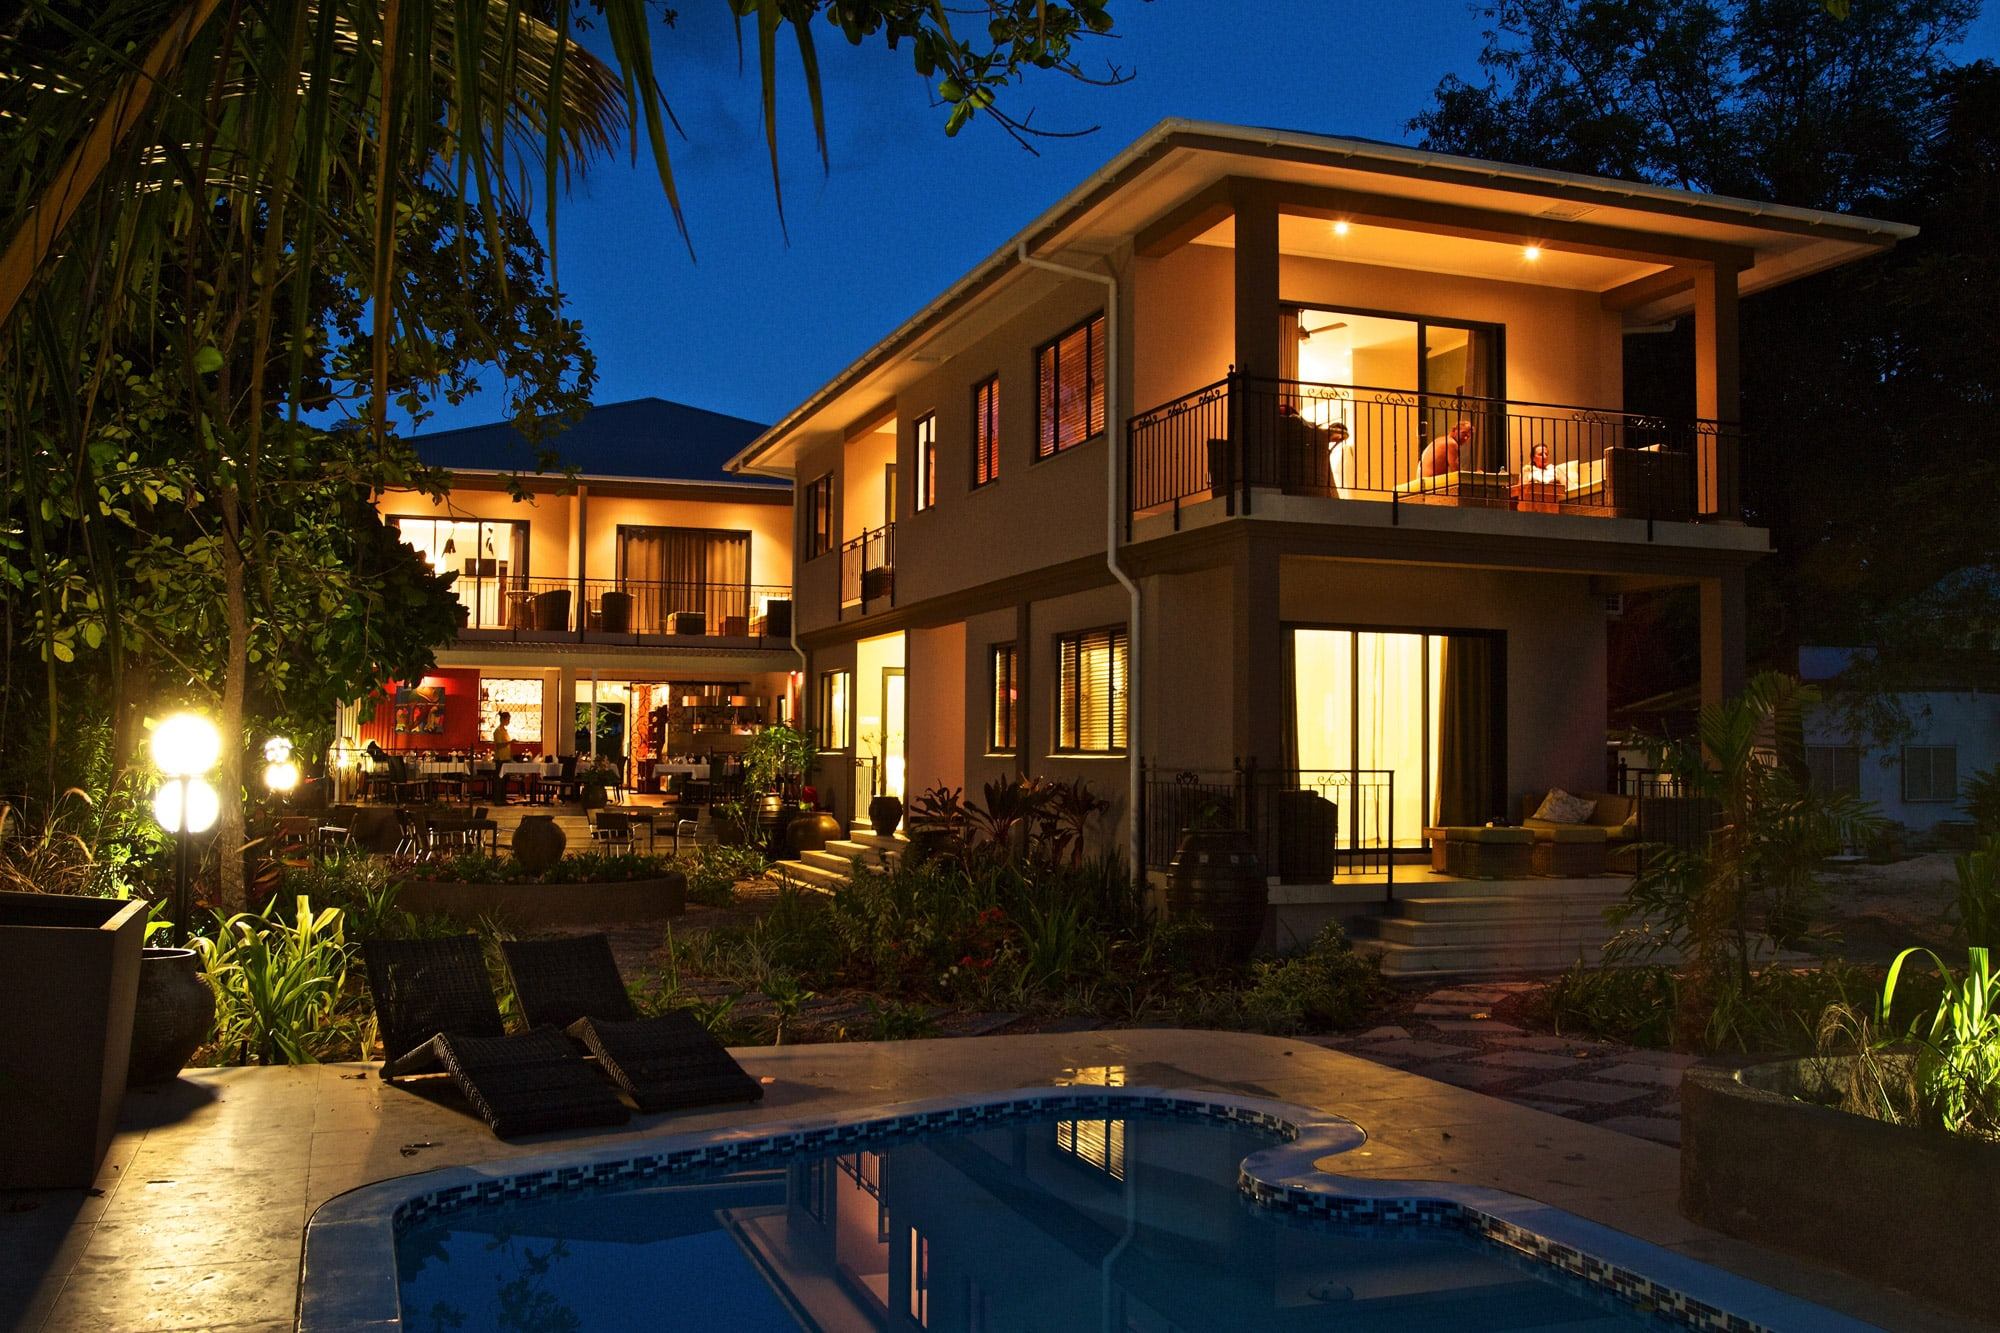 Le Repaire Boutique Hotel & Restaurant - The Seychelles